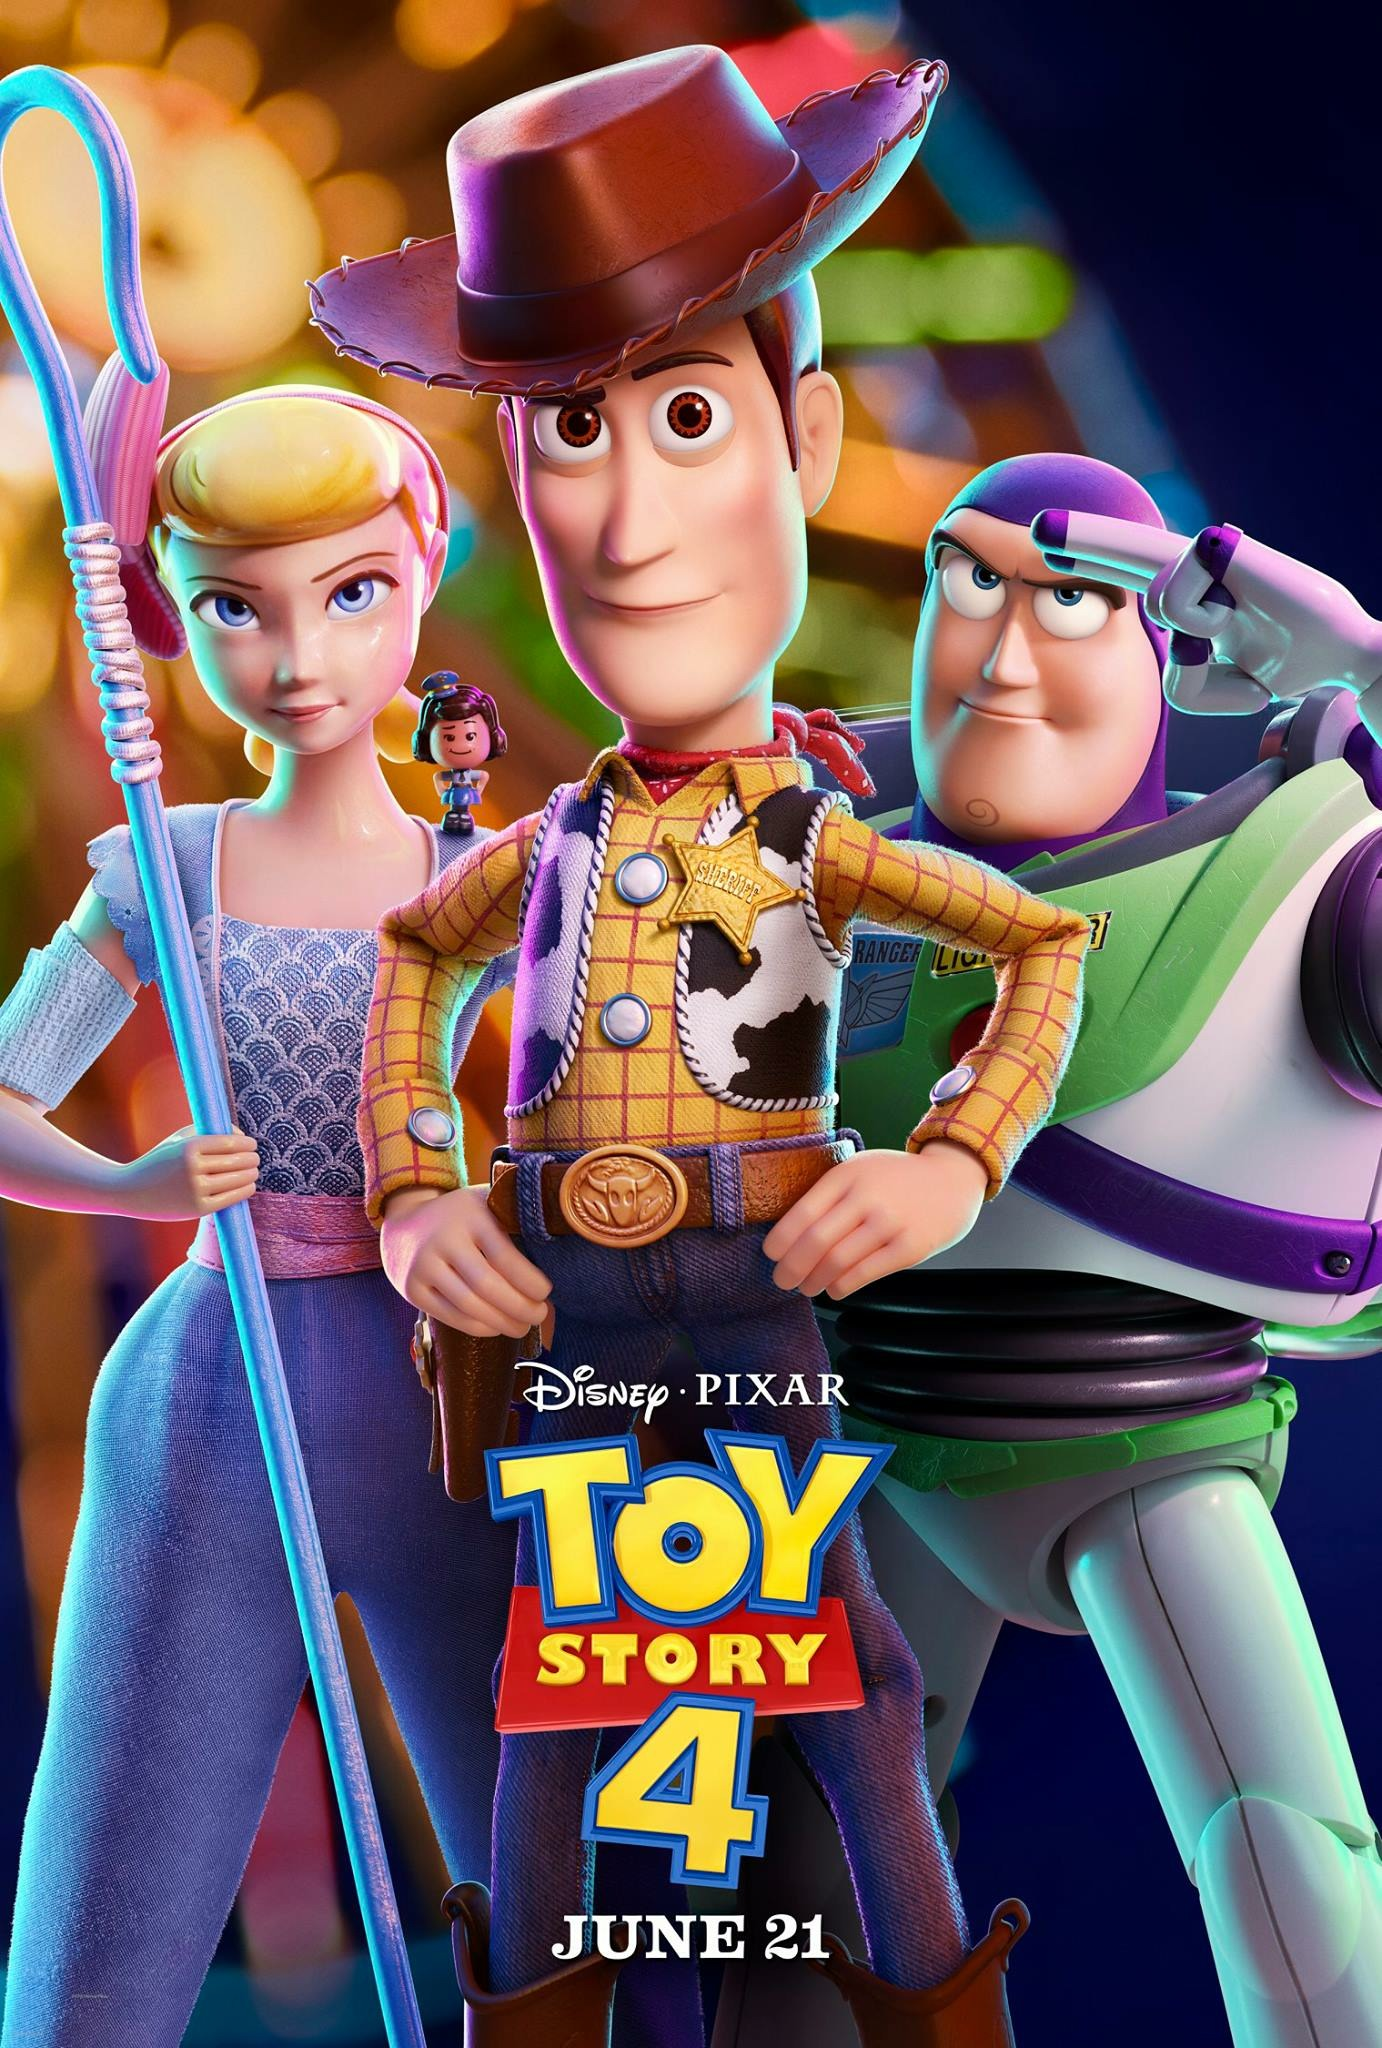 szmk_toy_story_4_disney_pixar_villi_forky_woody_buzz_bonnie_andy_jatek_haboru_a_vegtelenbe_es_tovabb_9.jpg